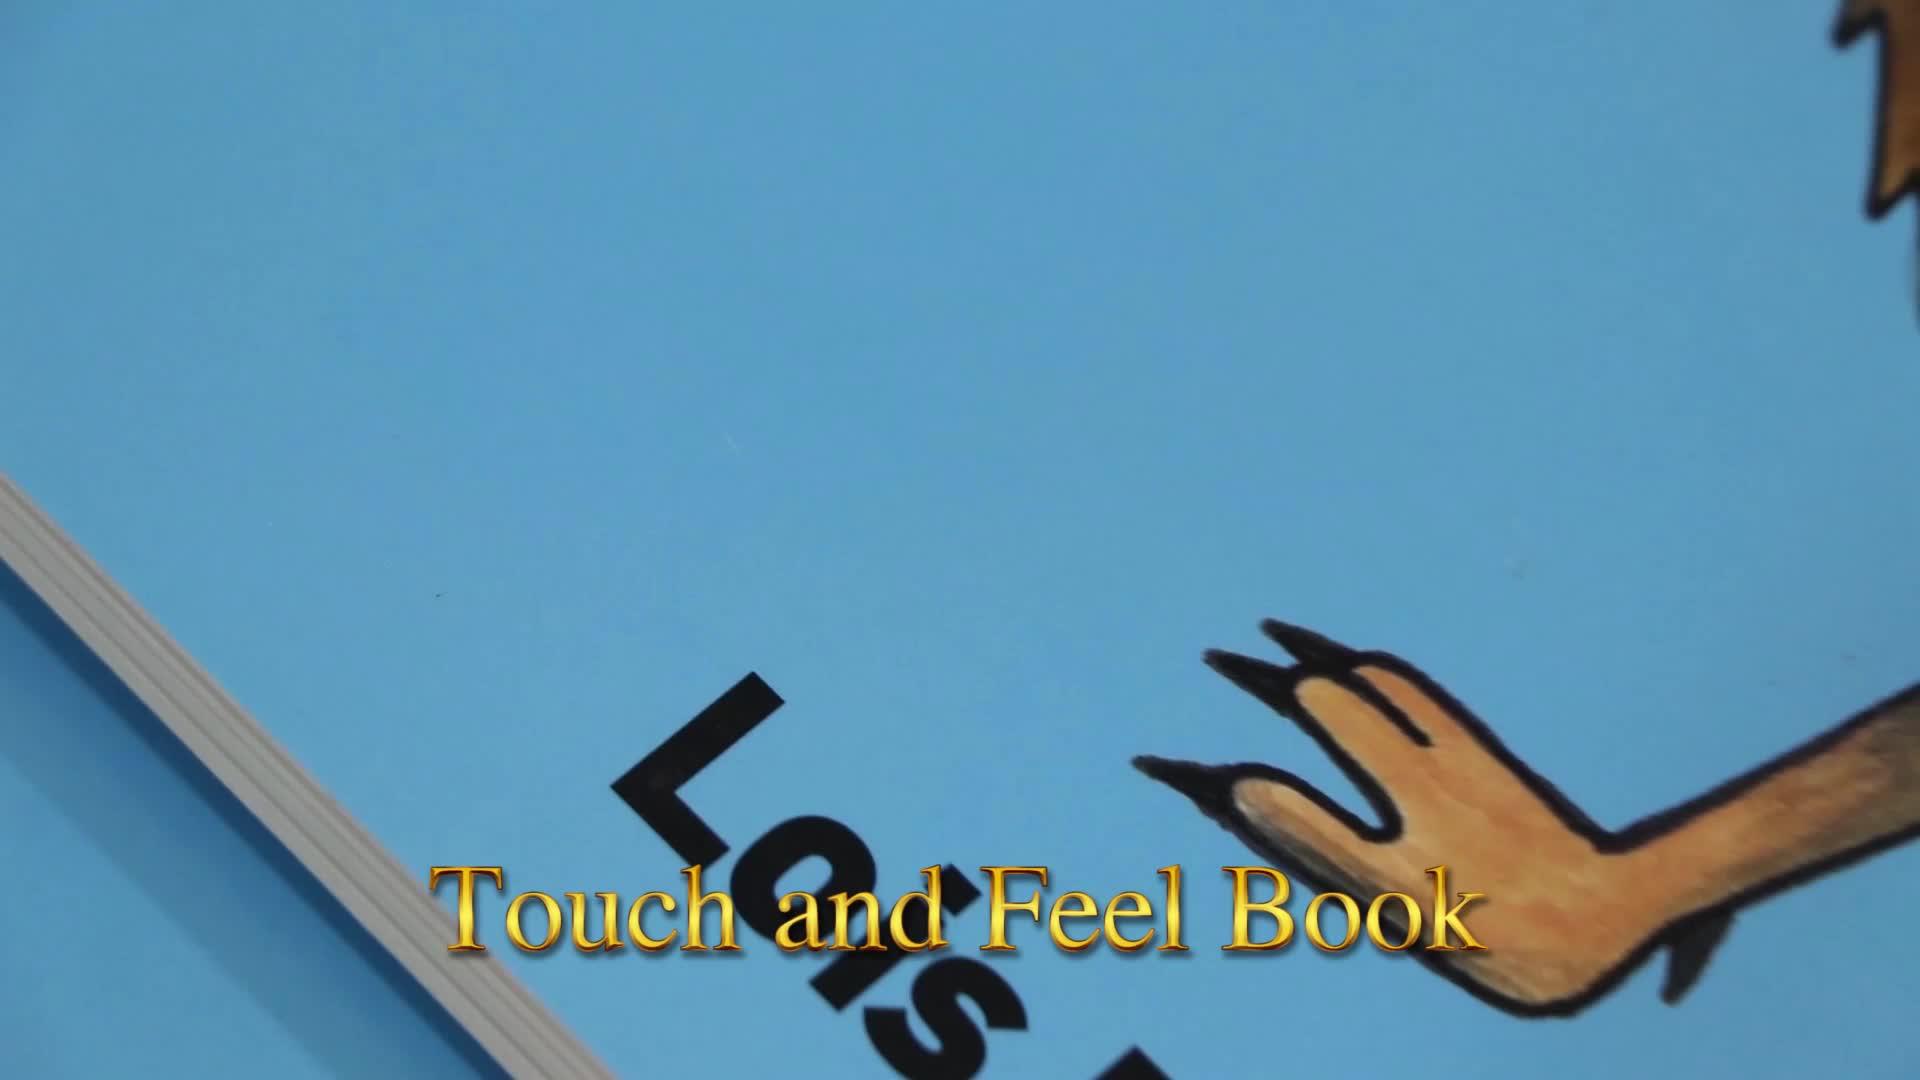 Fabrika Doğrudan Tedarikçi Çocuklar için Dokunmatik Kitap çocuk Karton Kitap Baskı Hizmeti Çocuk Dokunmatik Kitap Baskılı